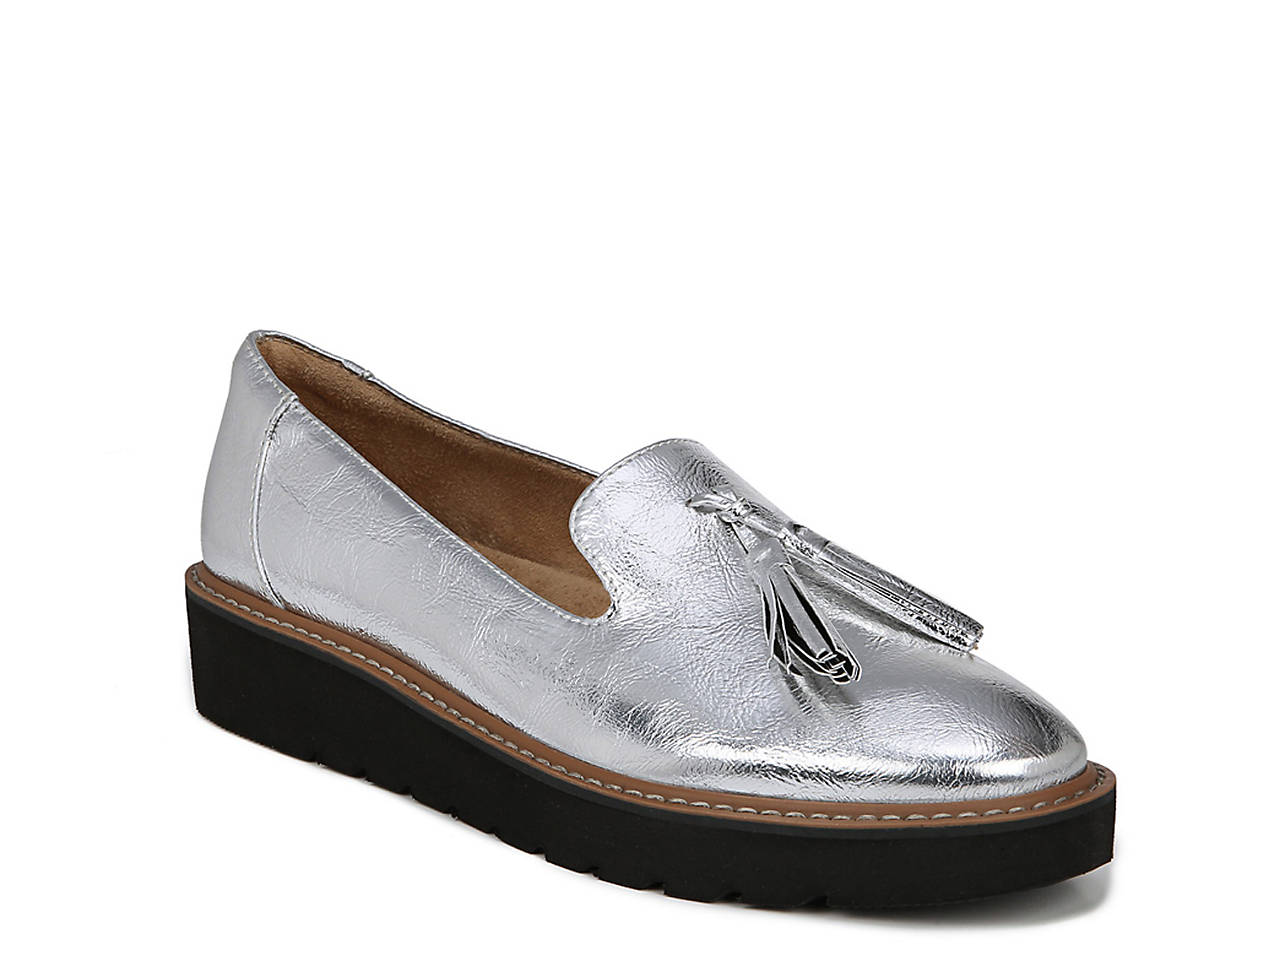 c18c8ec479f Naturalizer Ellie Wedge Loafer Women s Shoes